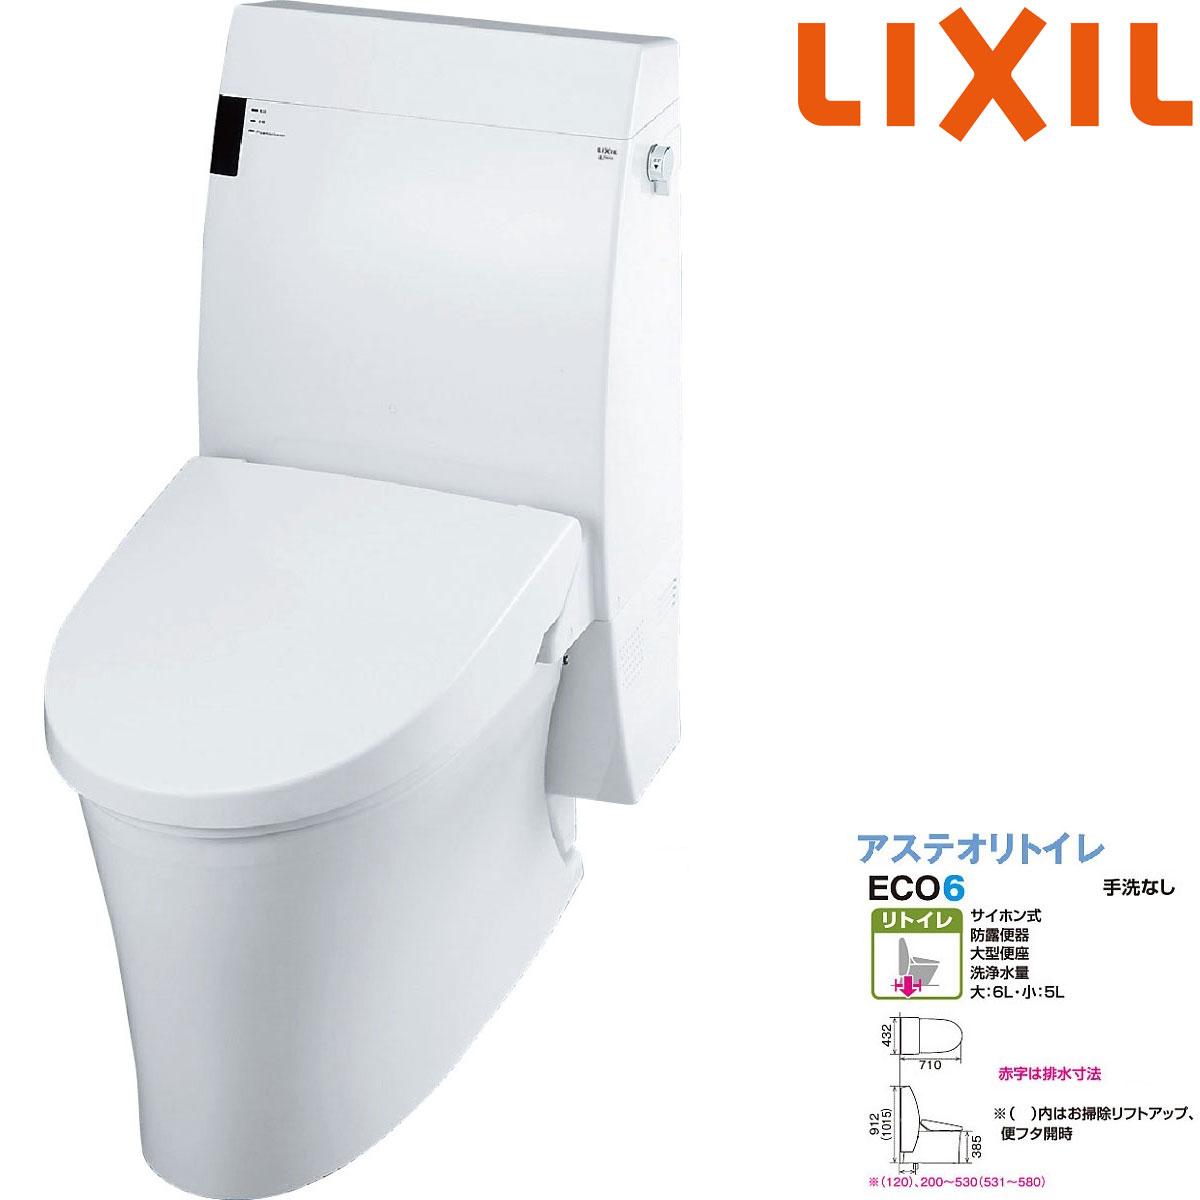 YBC-A10H+DT-355JH アステオリトイレ 床排水 ECO6 手洗なし